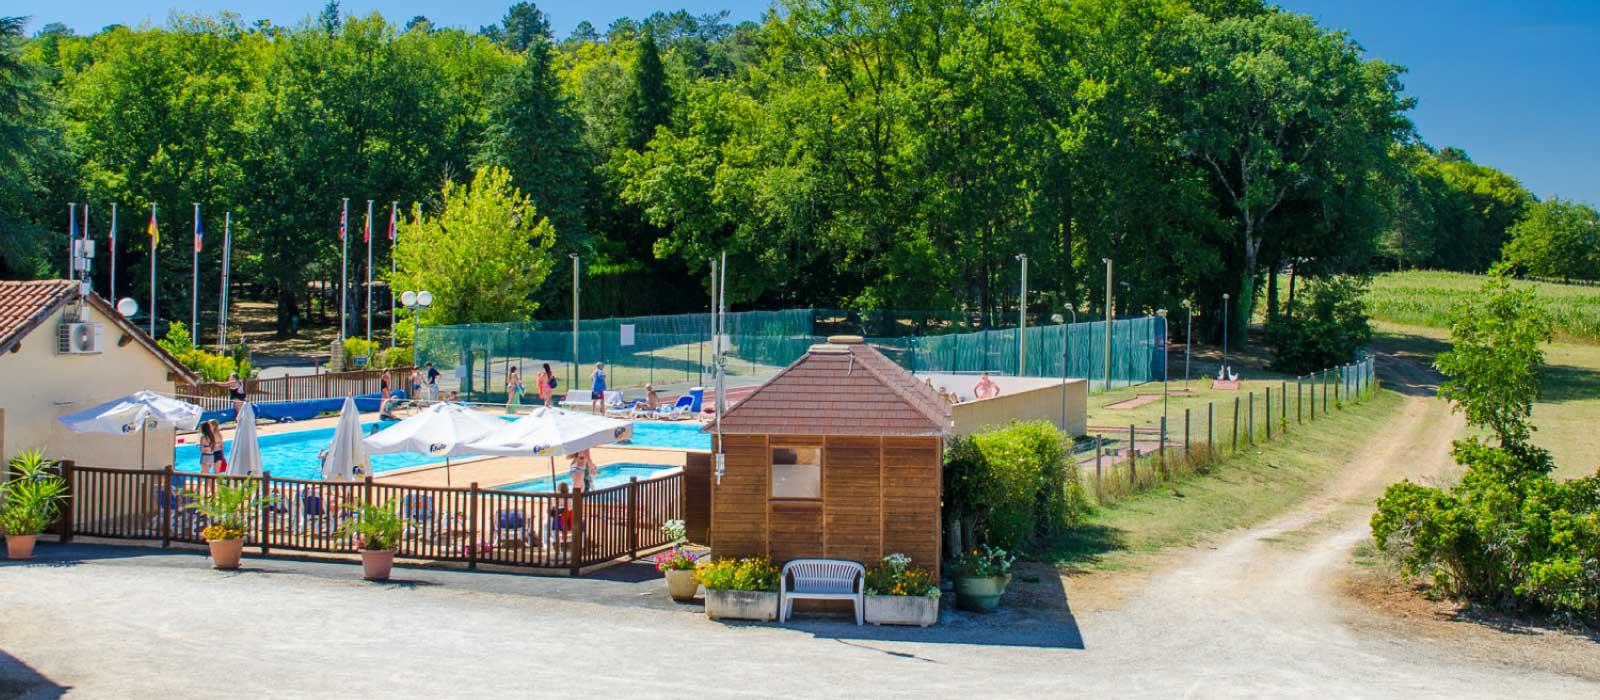 La piscine chauffée du camping Maillac